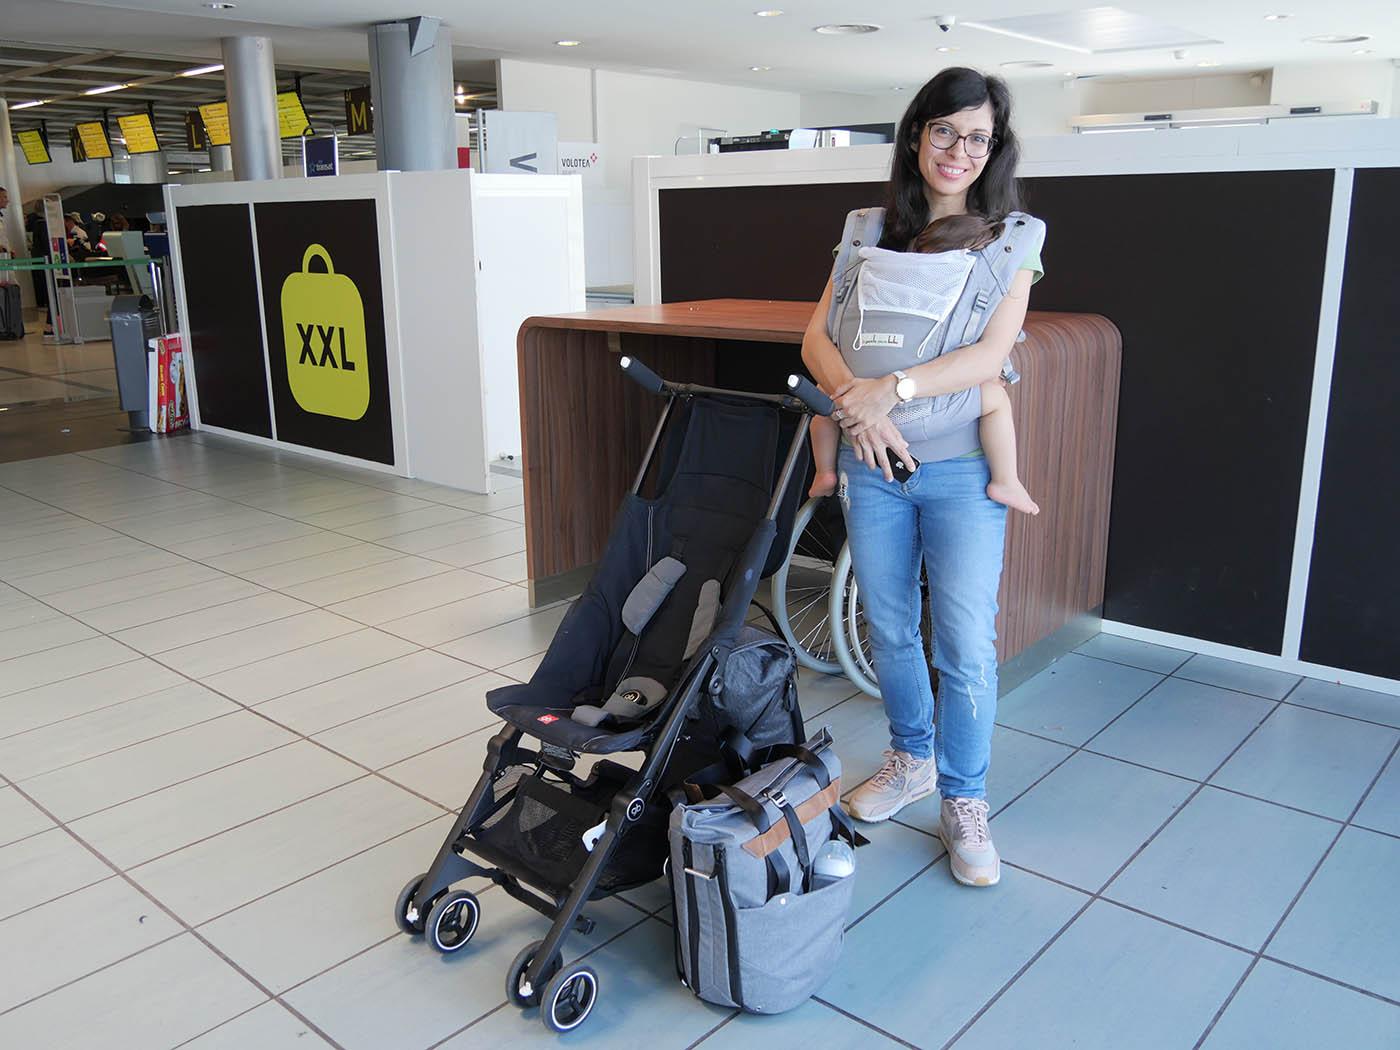 comment voyager avec un bébé 16 mois seule